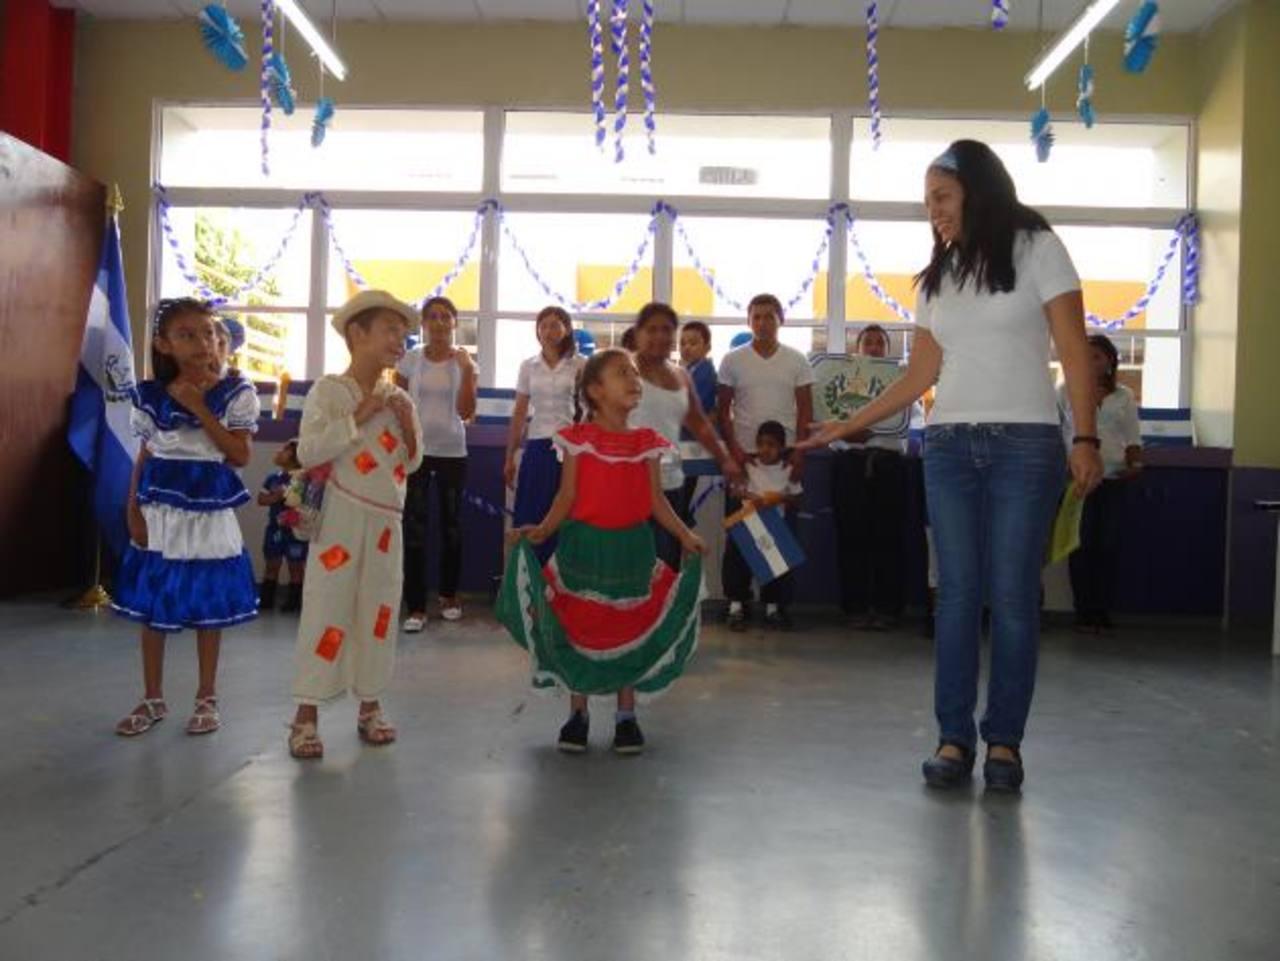 Los niños del taller de arte de la fundación realizaron una danza durante la inauguración de estas actividades en honor a la independencia de El Salvador. Foto EDH /cortesía